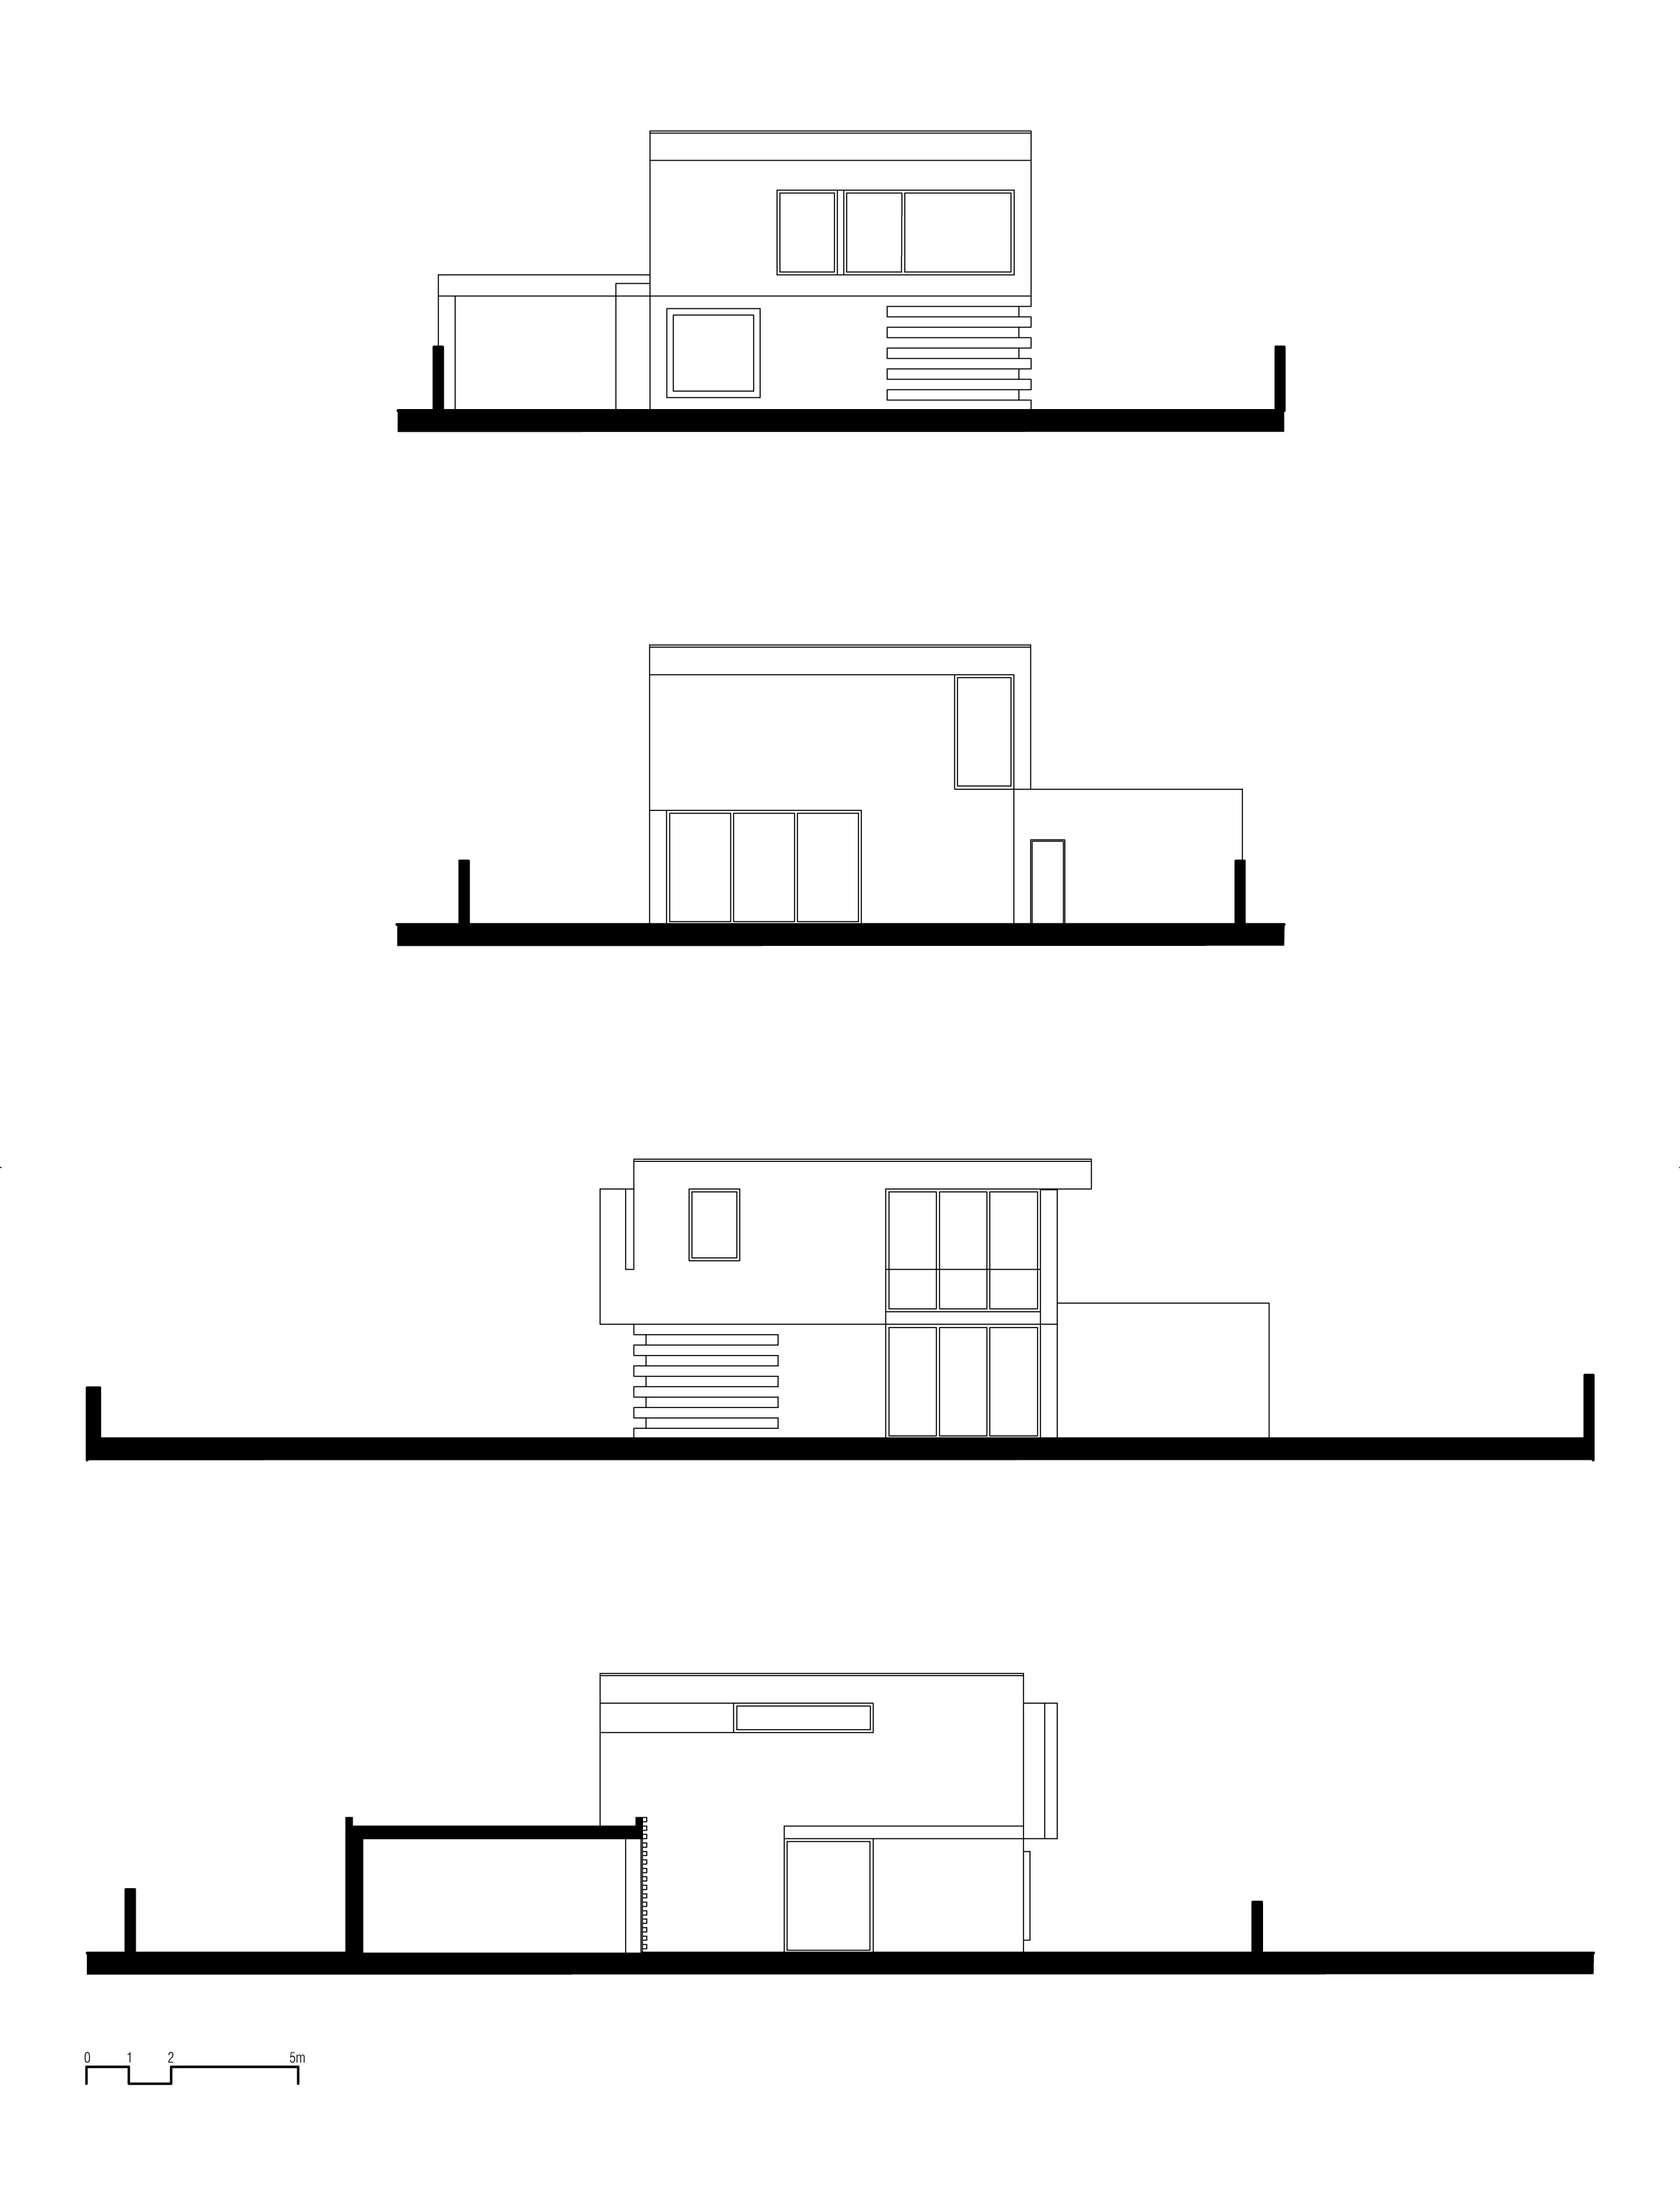 Dise o de casa cuadrada de dos pisos con planos y fachadas - Altura de un piso ...